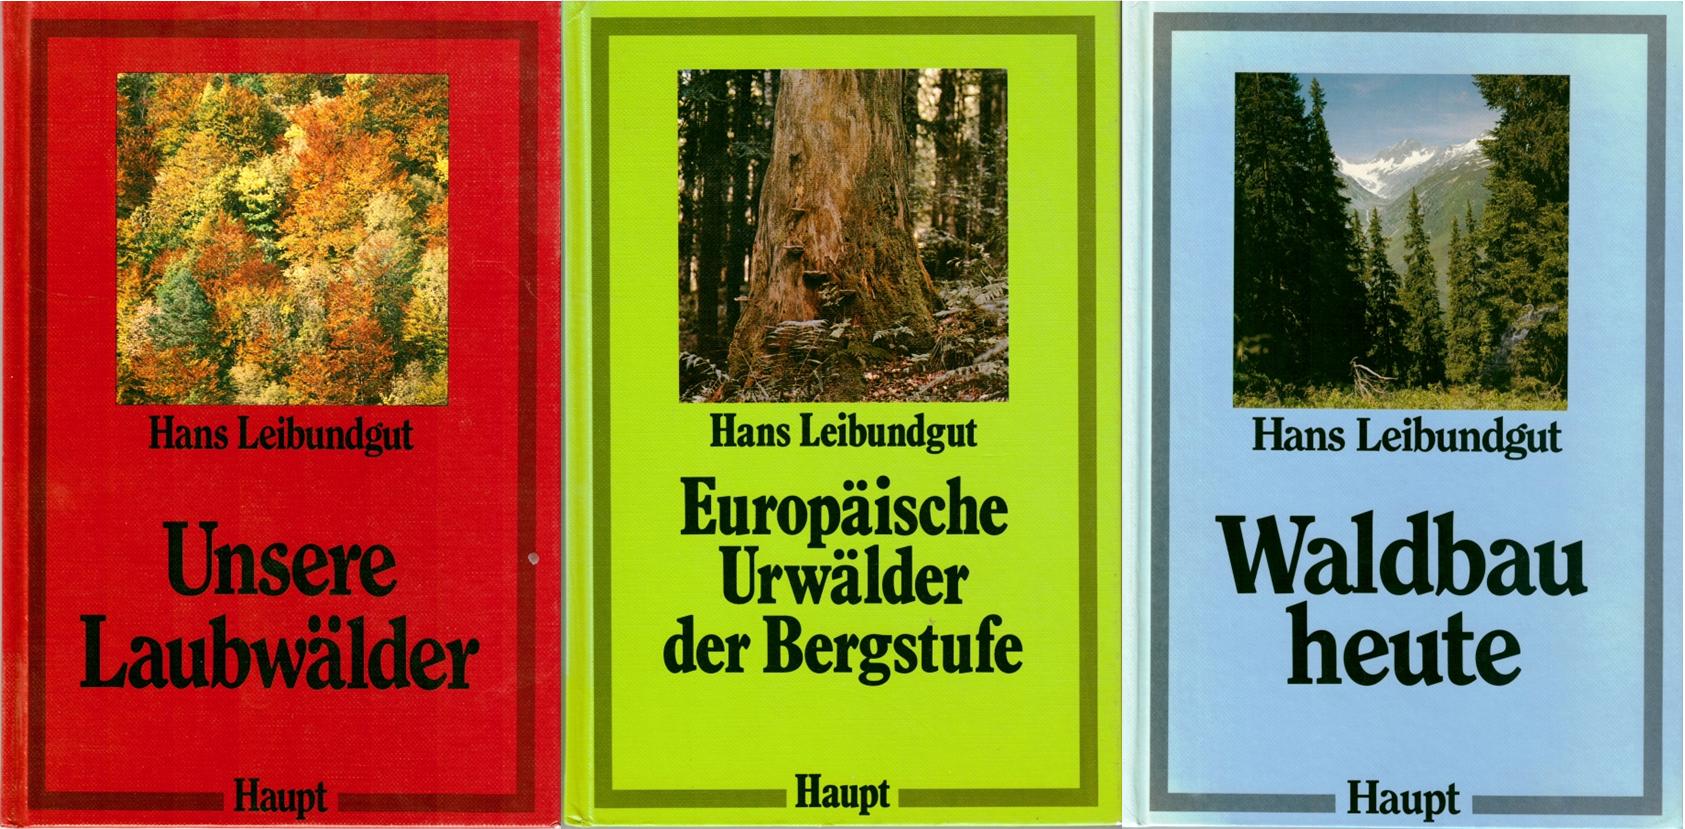 Mein etwas ambivalentes Verhältnis zum berühmten Waldbauprofessor Hans Leibundgut der ETH Zürich